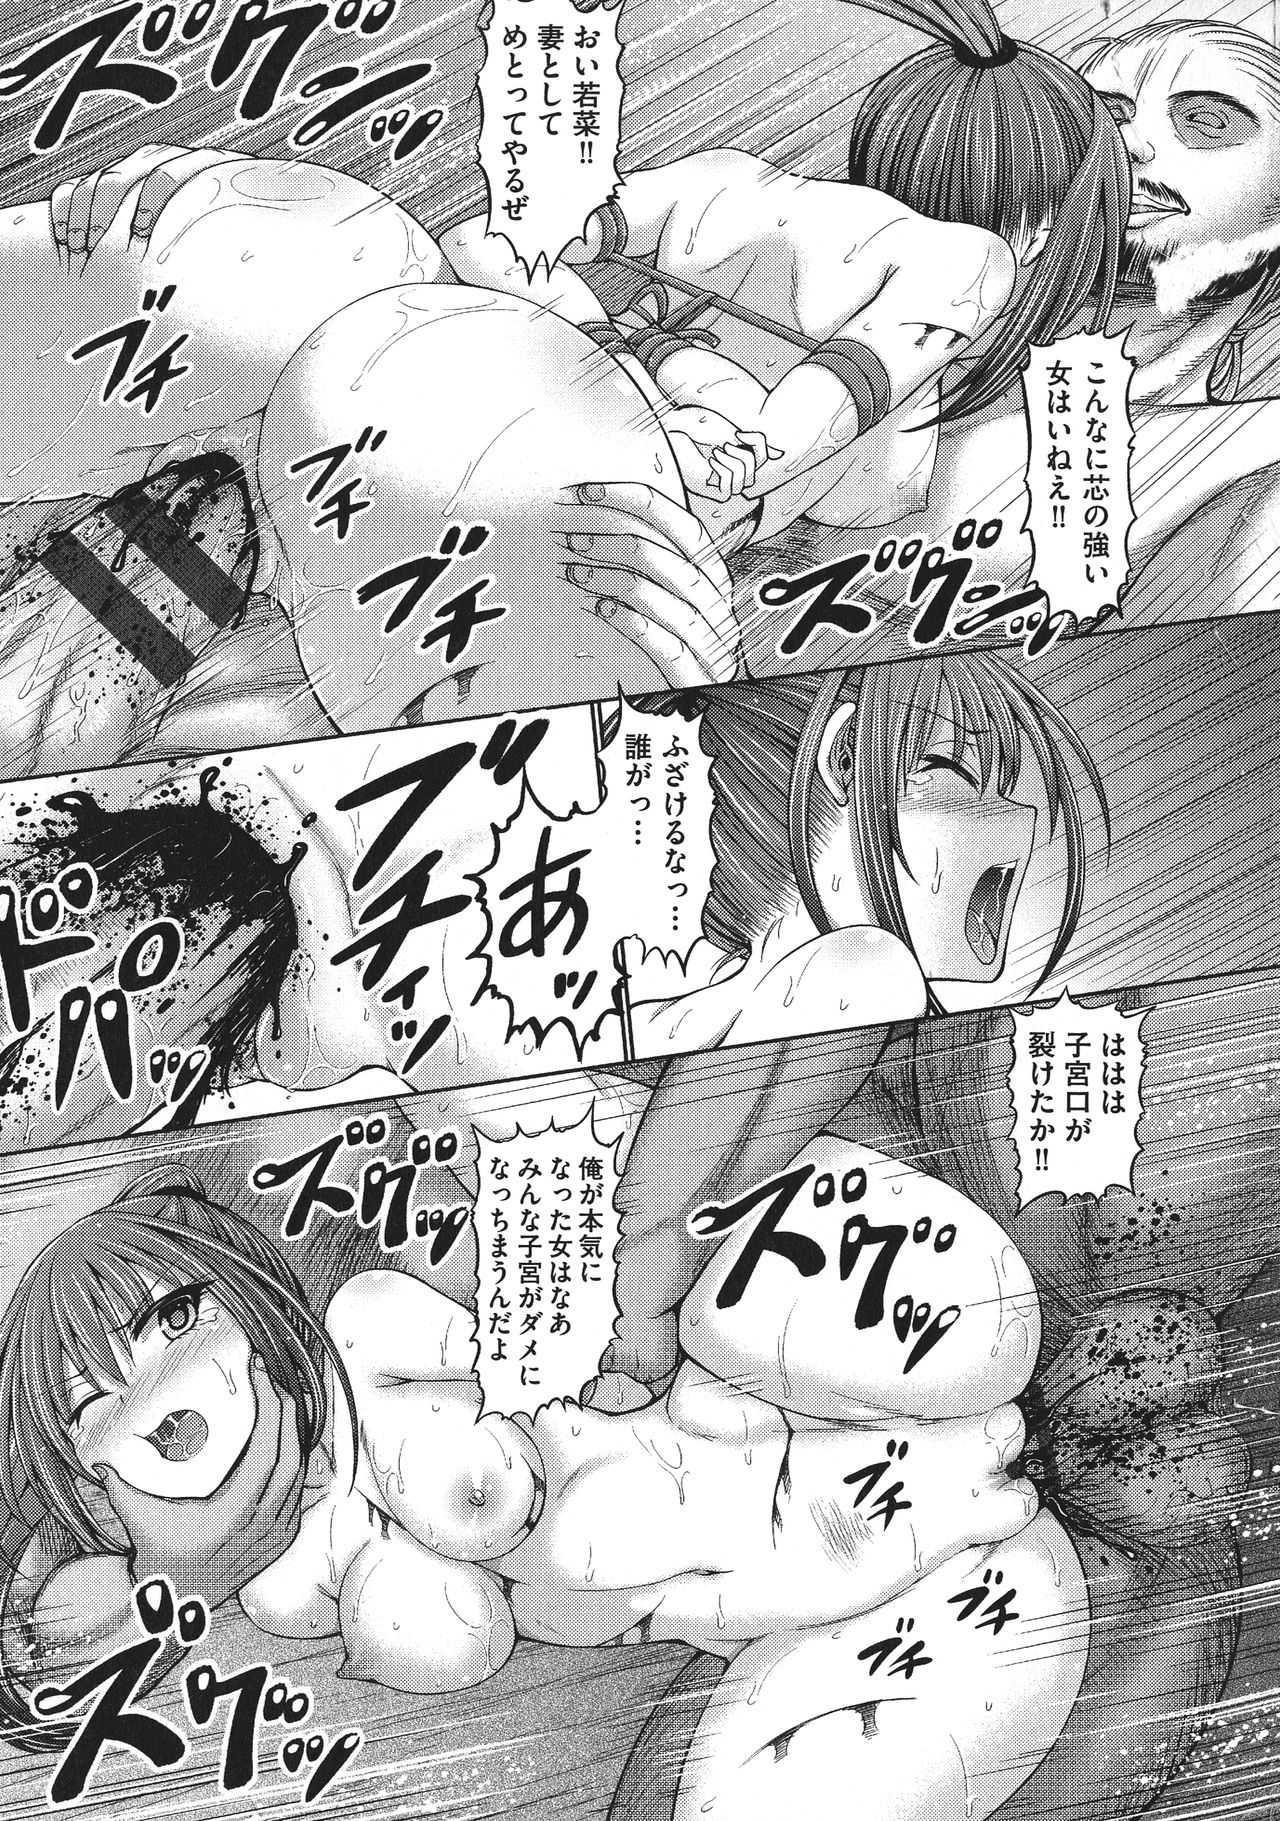 【エロ漫画】JKにして道場の師範になった剣道少女…道場破りにやってきた男に敗れ公開流血種付けショーwww【橋村青樹:ハタシアイ】